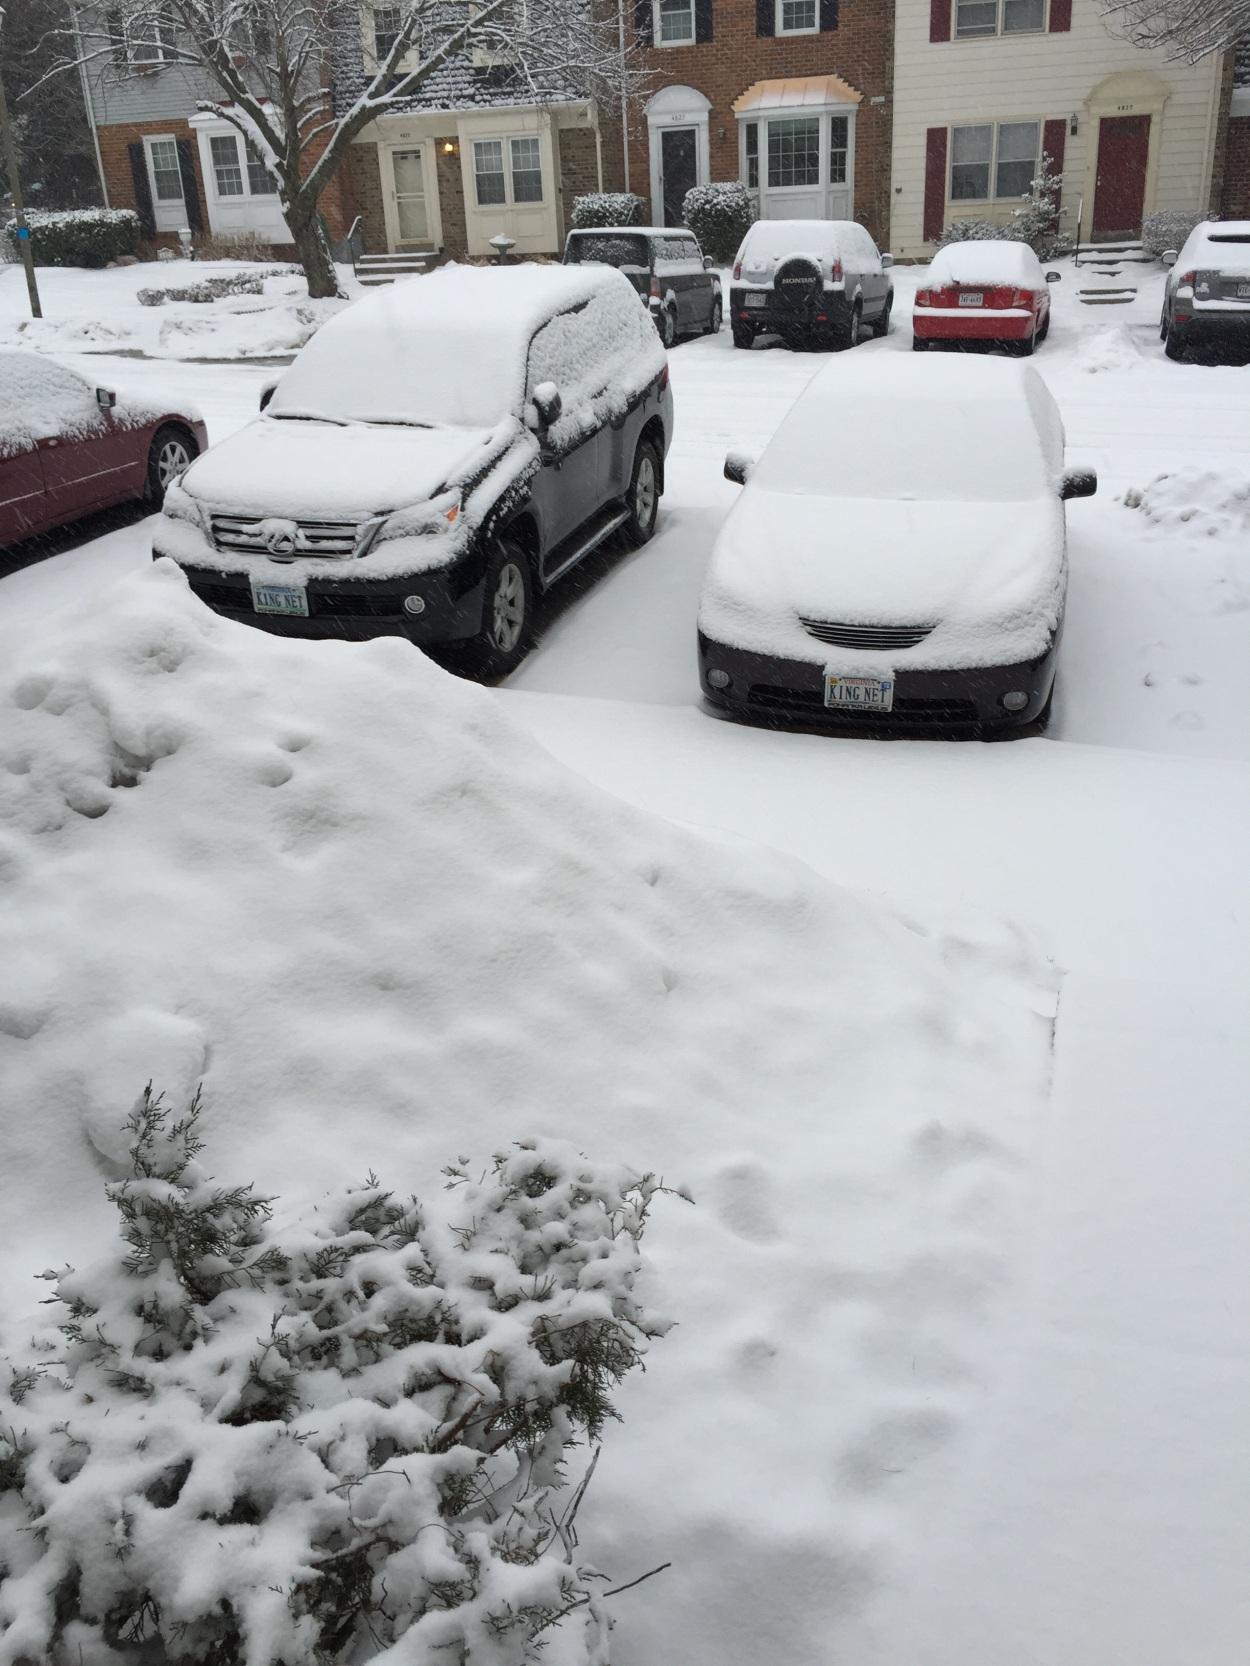 QUE.COM Snow in February